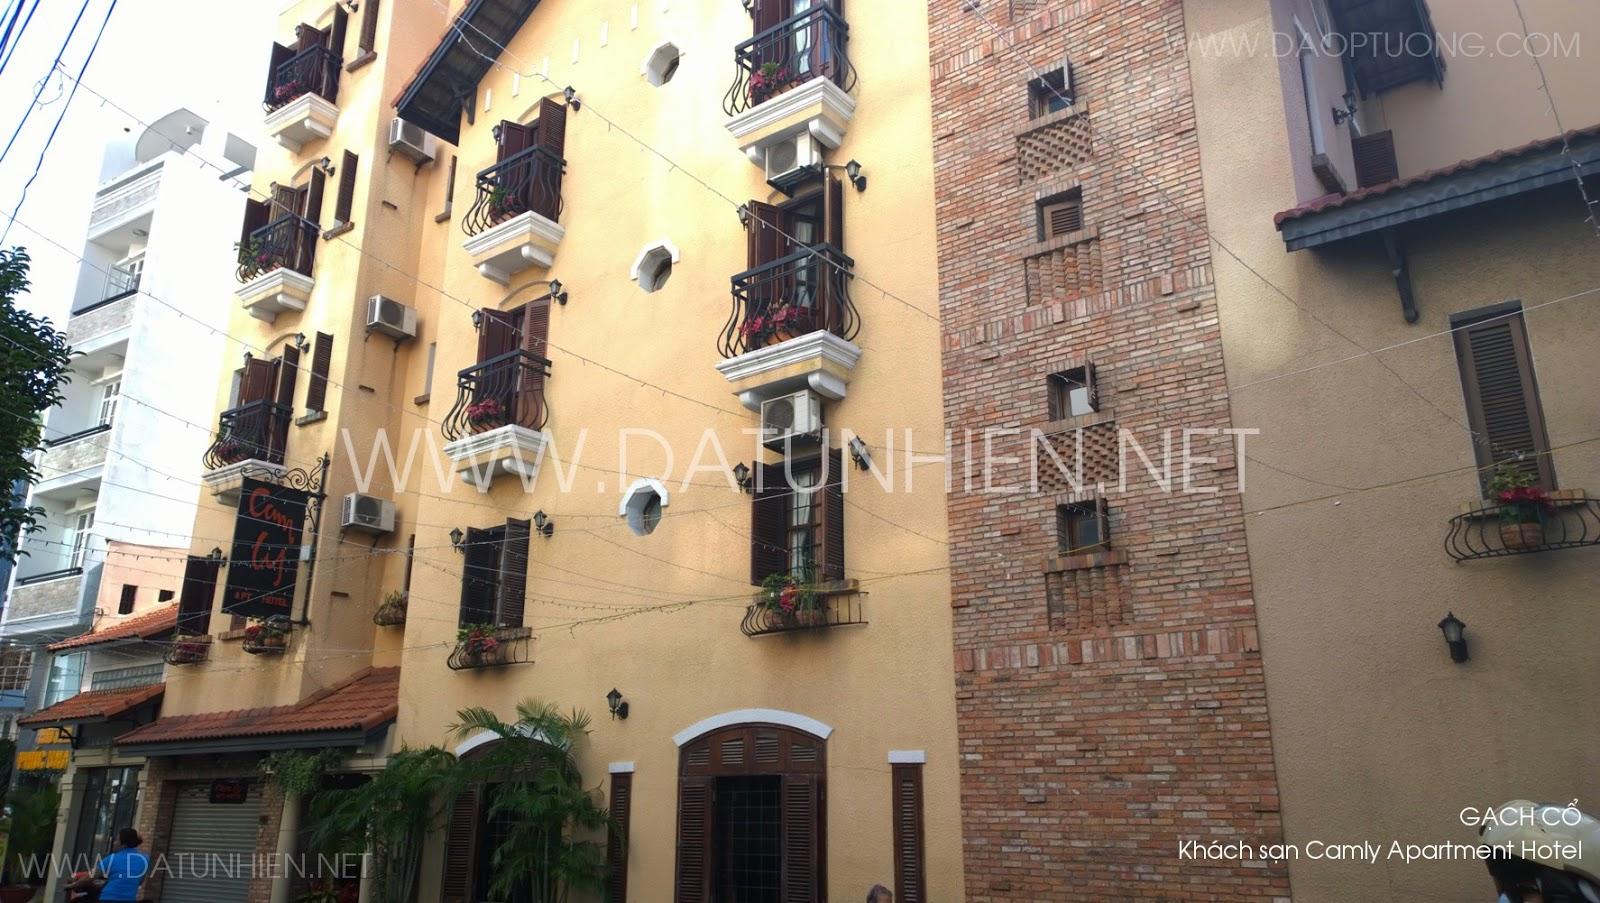 Khách sạn Camly Art Hotel phong cách cổ điển